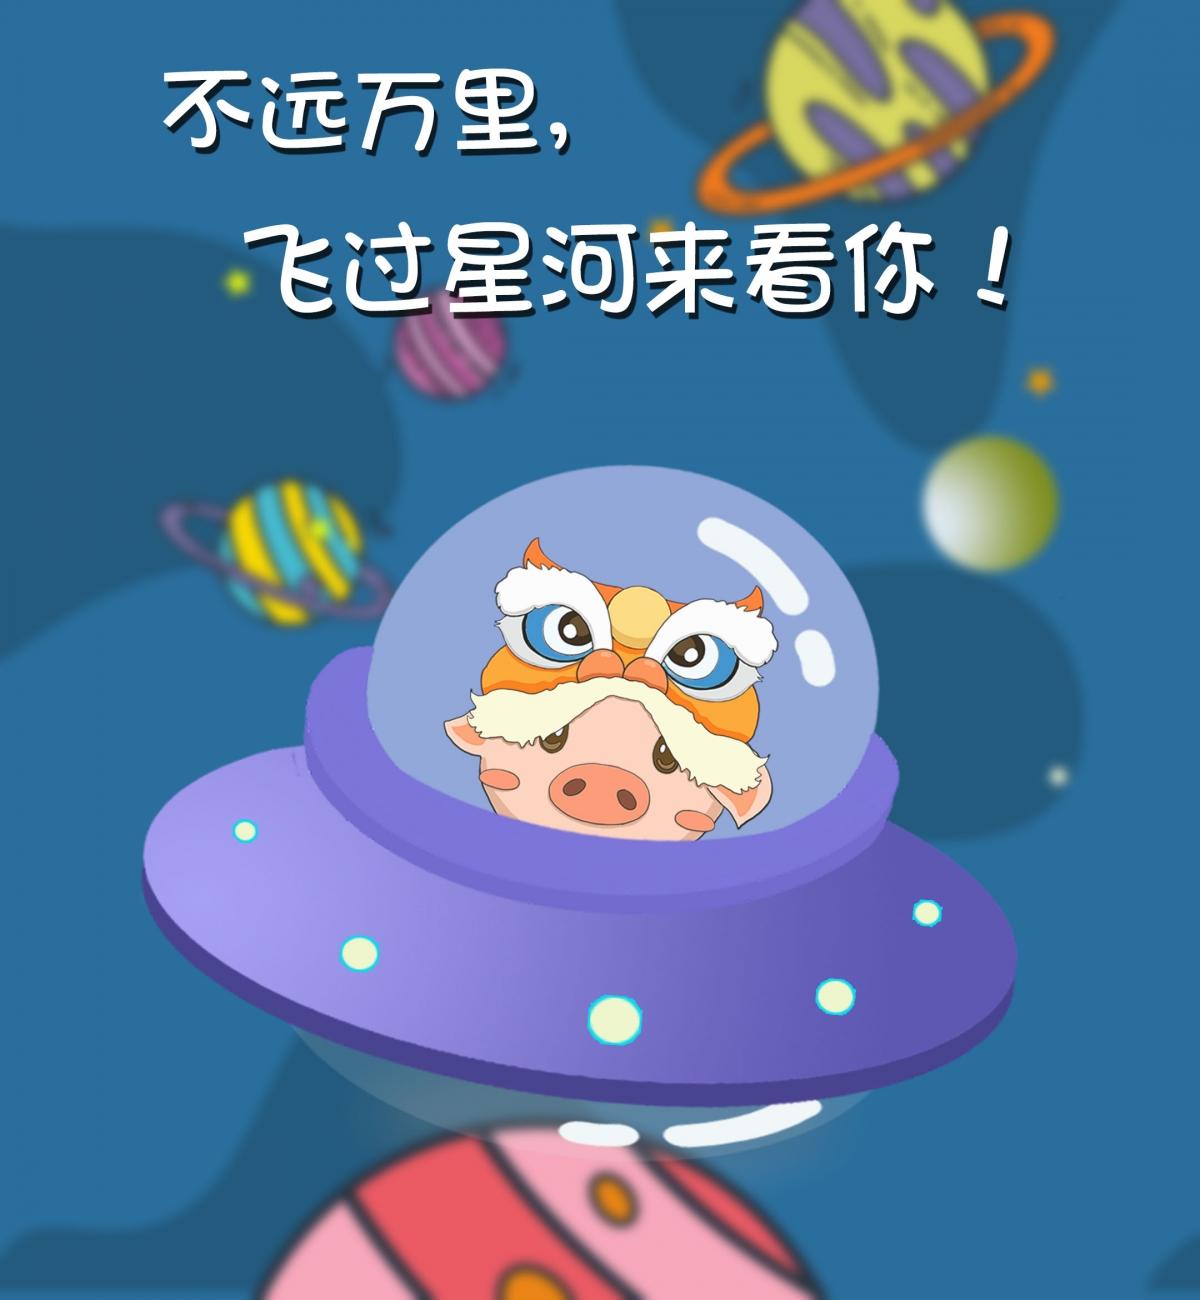 1.飞过星河.jpg